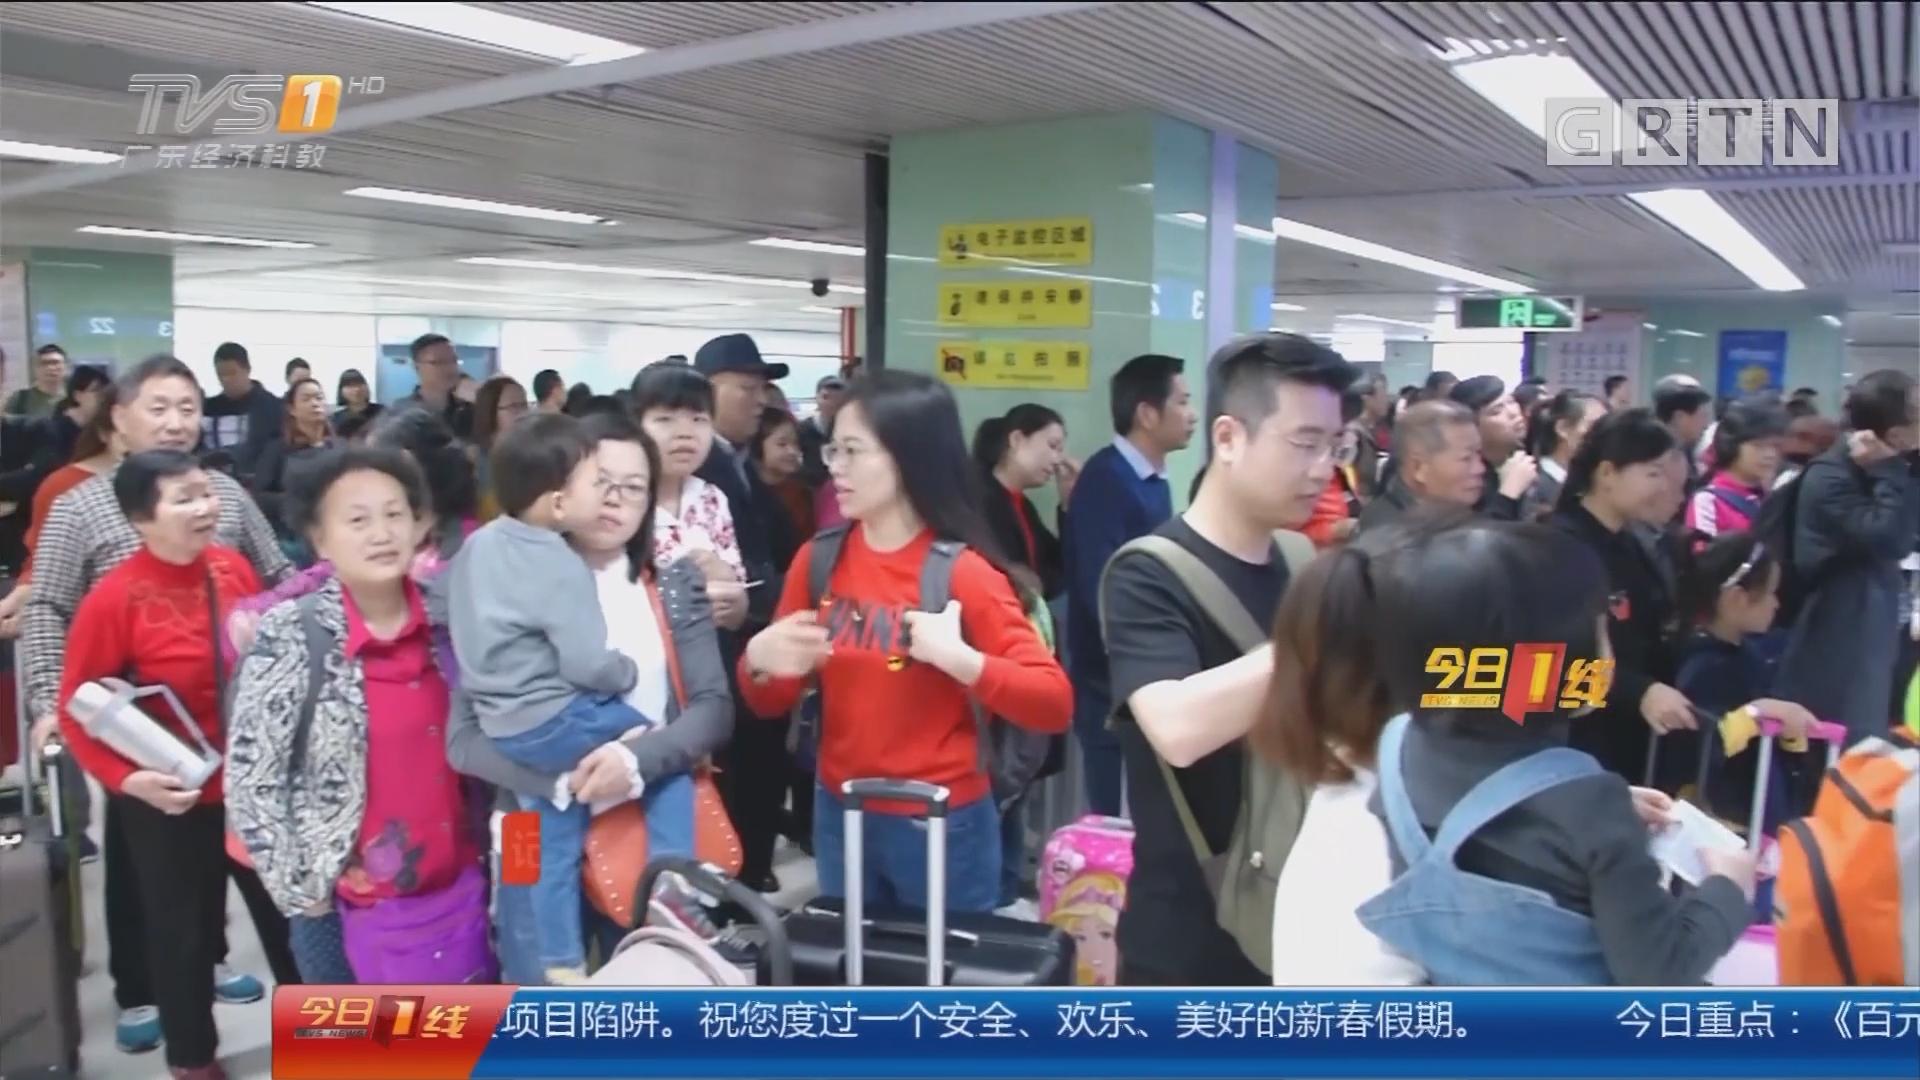 出境游高峰:深圳 出境游热情不减 罗湖口岸迎出境高峰